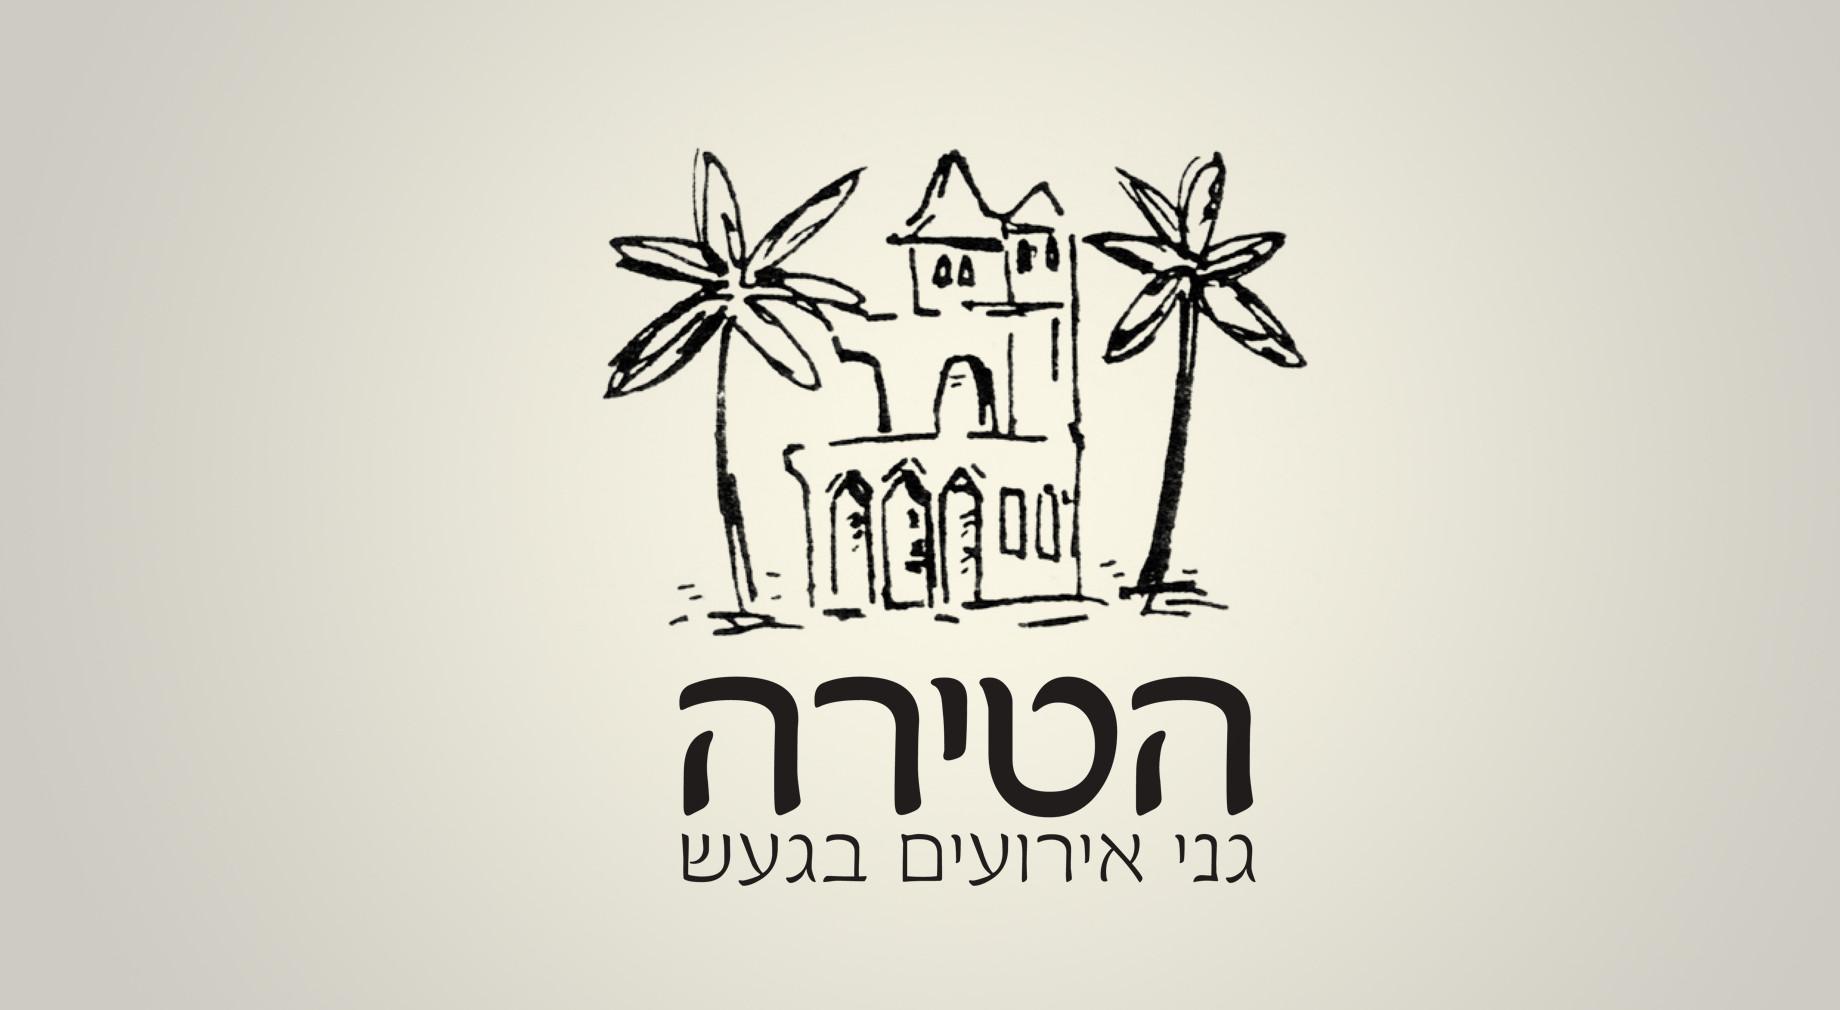 לוגו לגני אירועים בקיבוץ געש